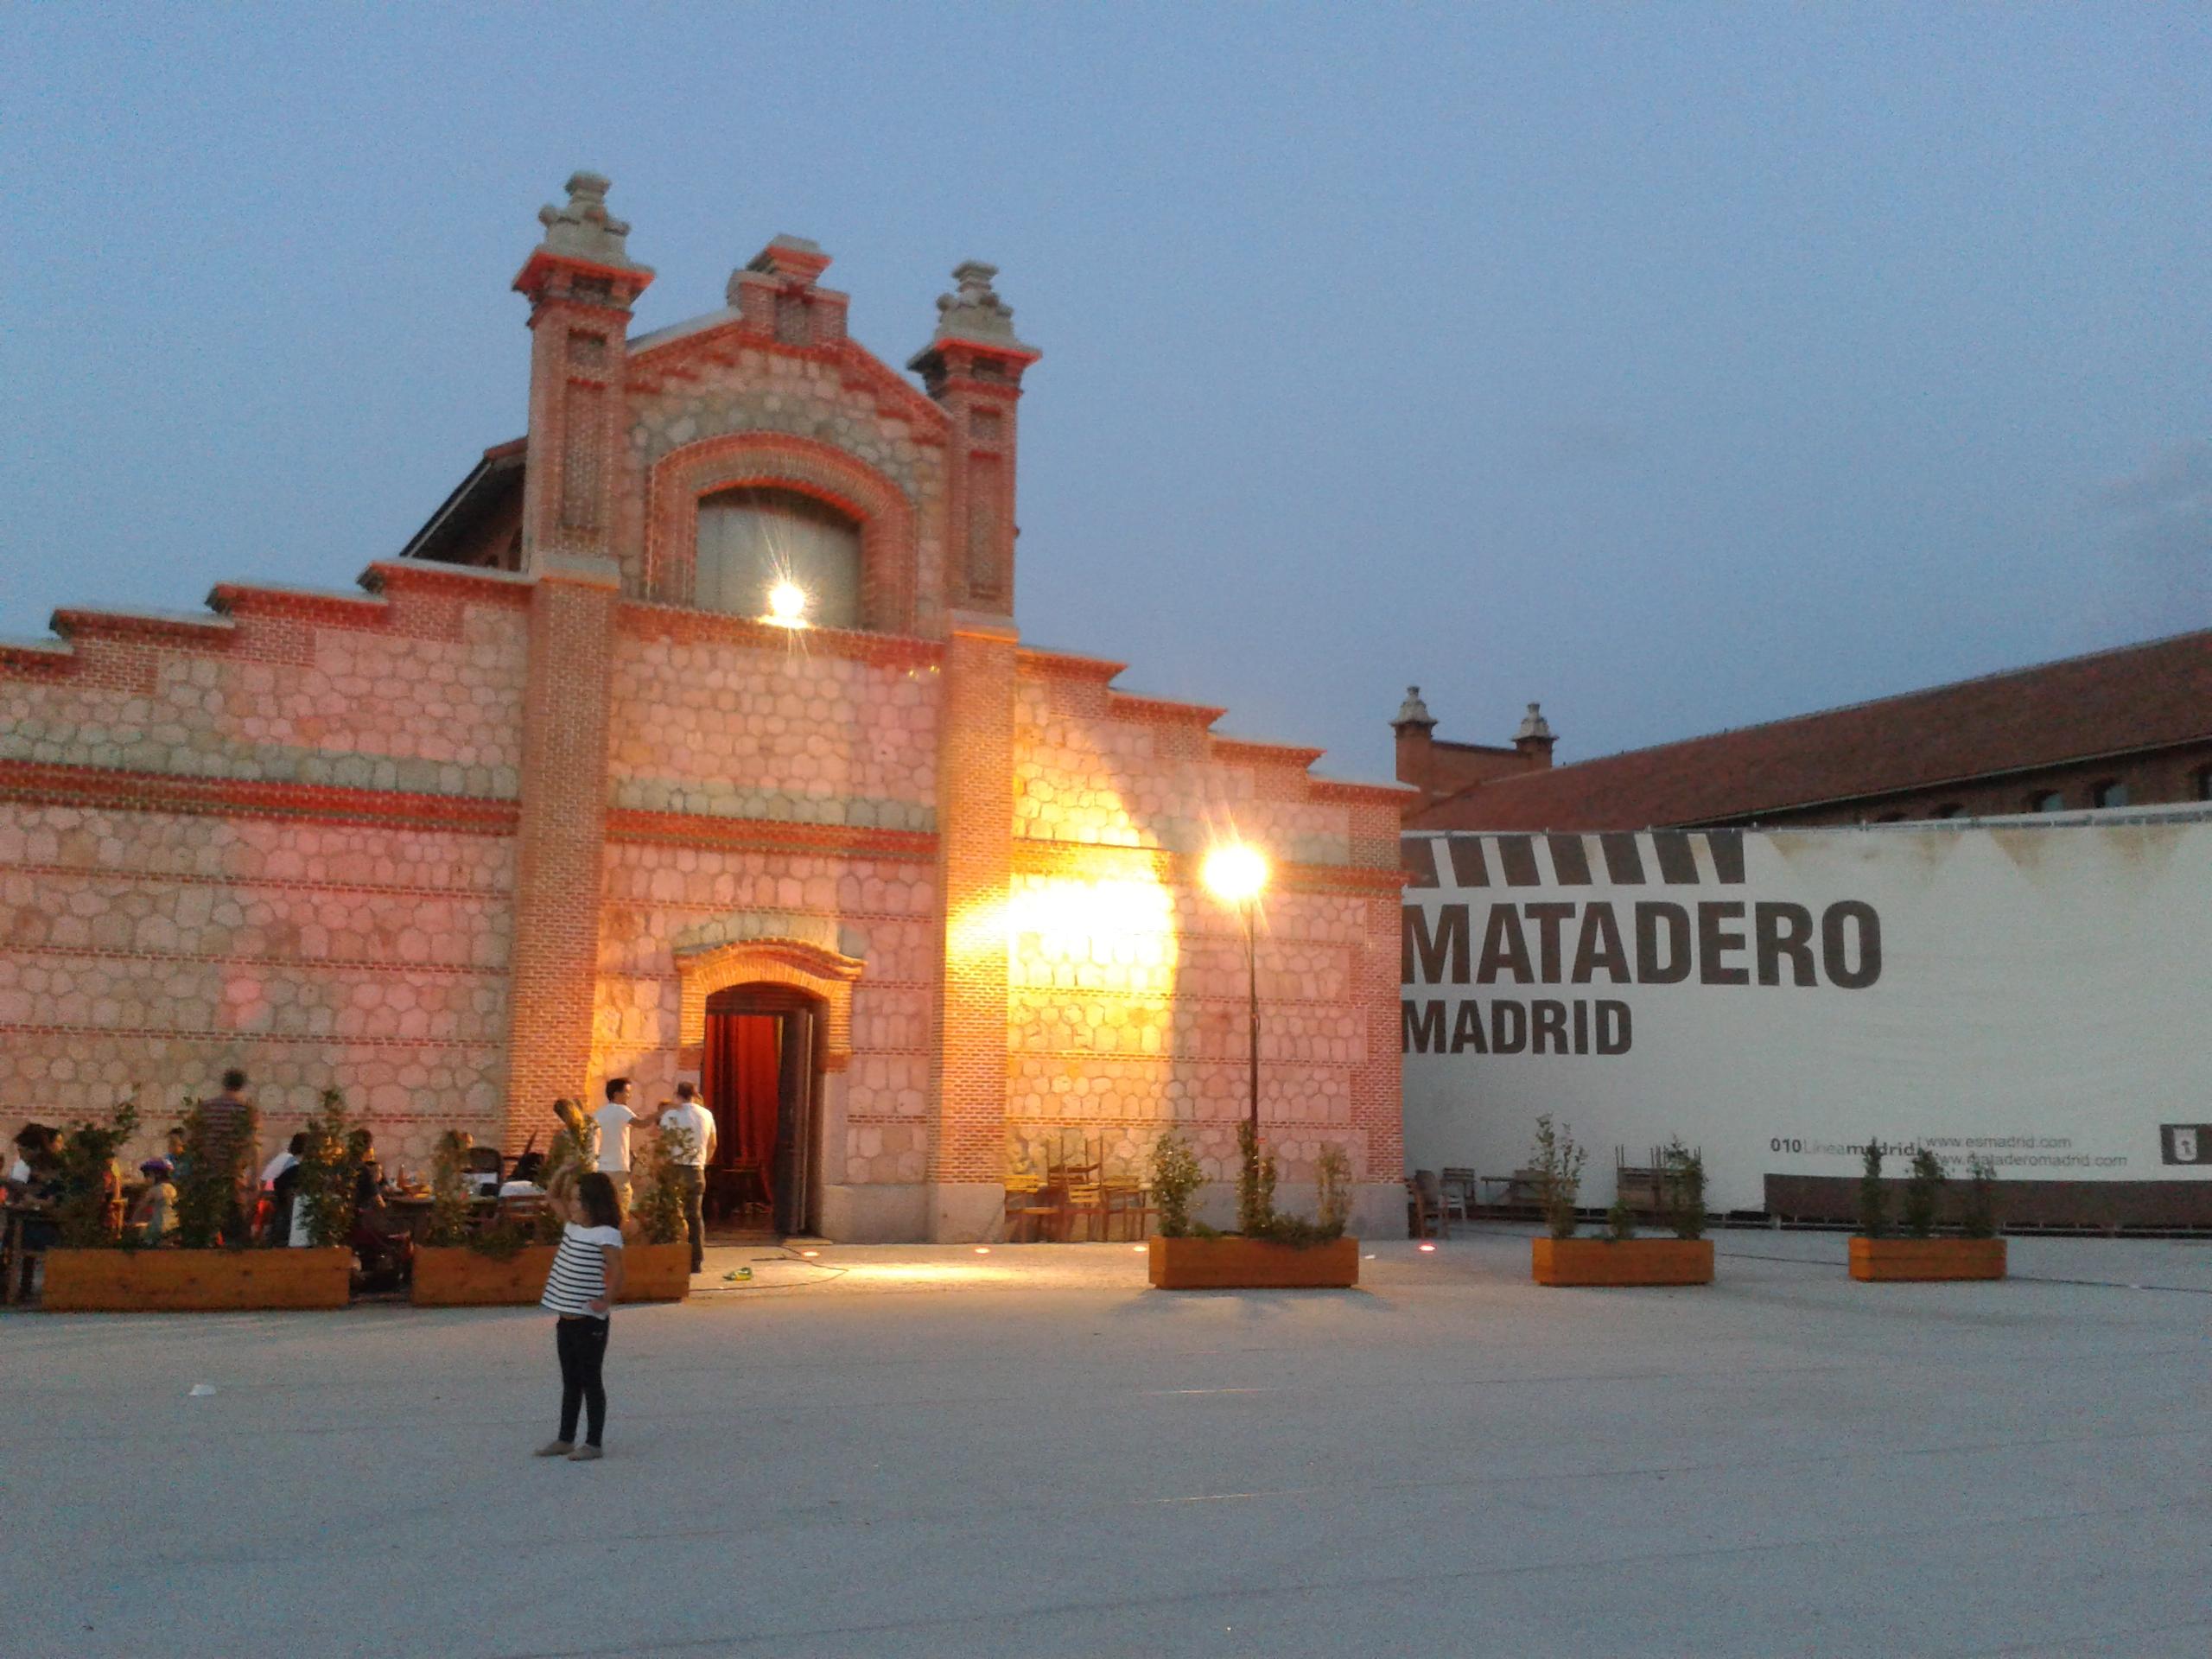 Matadero, meu centro cultural favorito e um dos melhores cantinhos de Madrid